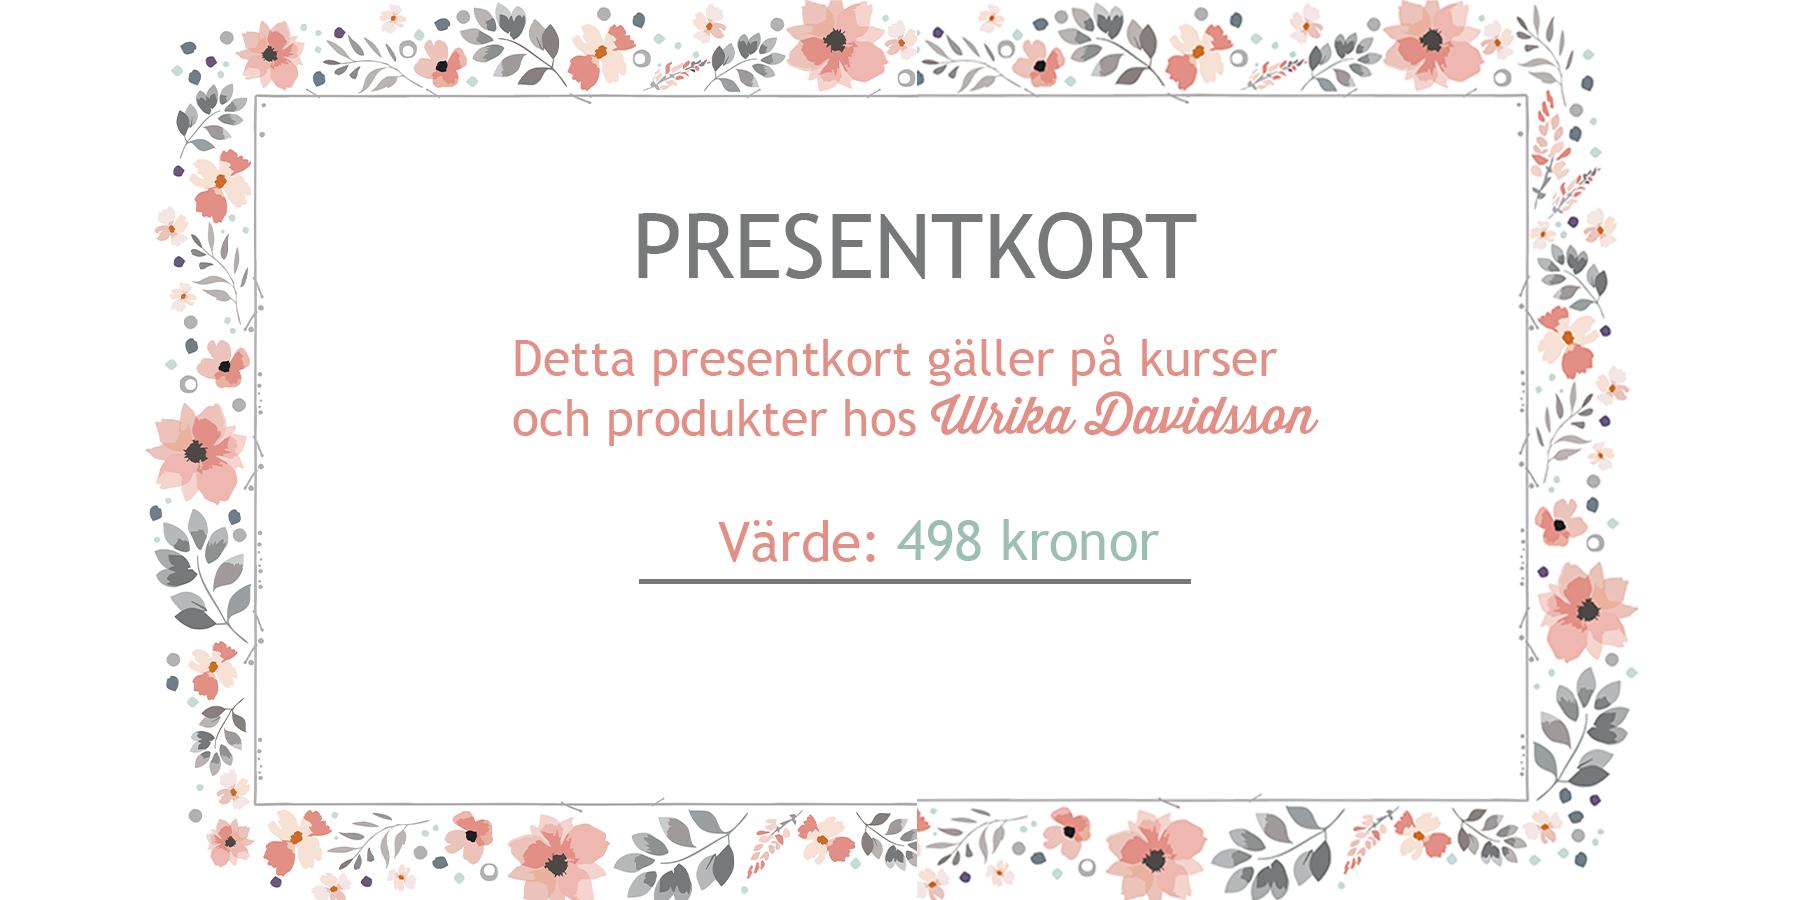 presentkort hos Ulrika Davidsson